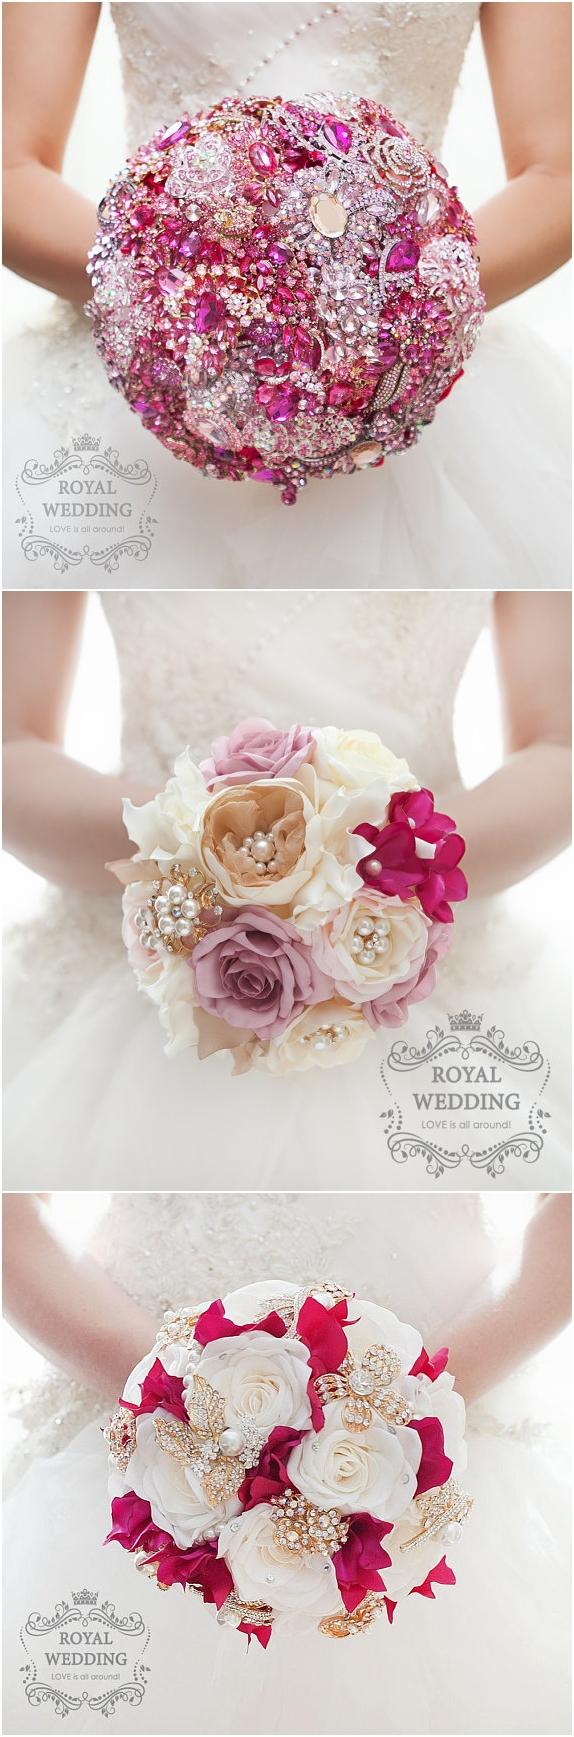 Wedding Bouquet Bridal Bouquet Brooch Bouquet Bridesmaid Bouquet